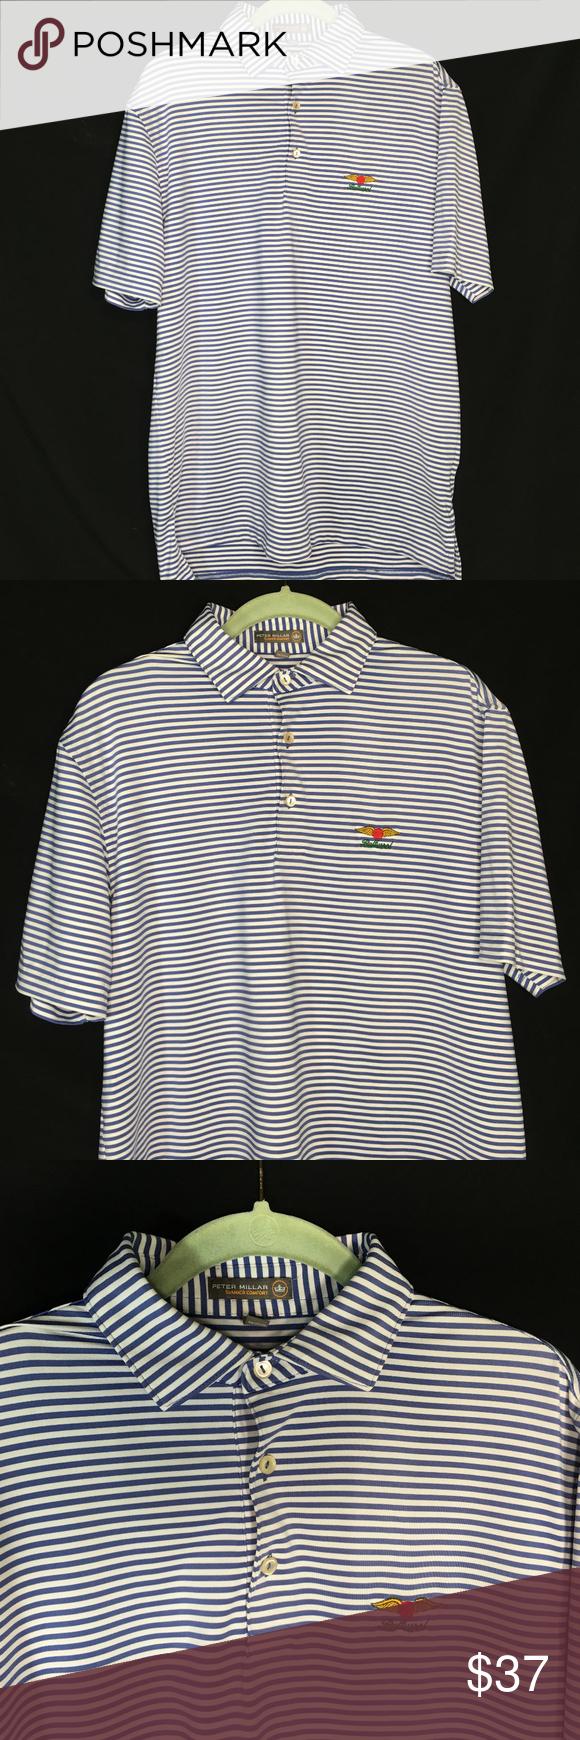 Peter Millar Polo Shirt Baltusrol Golf Club Logo Peter